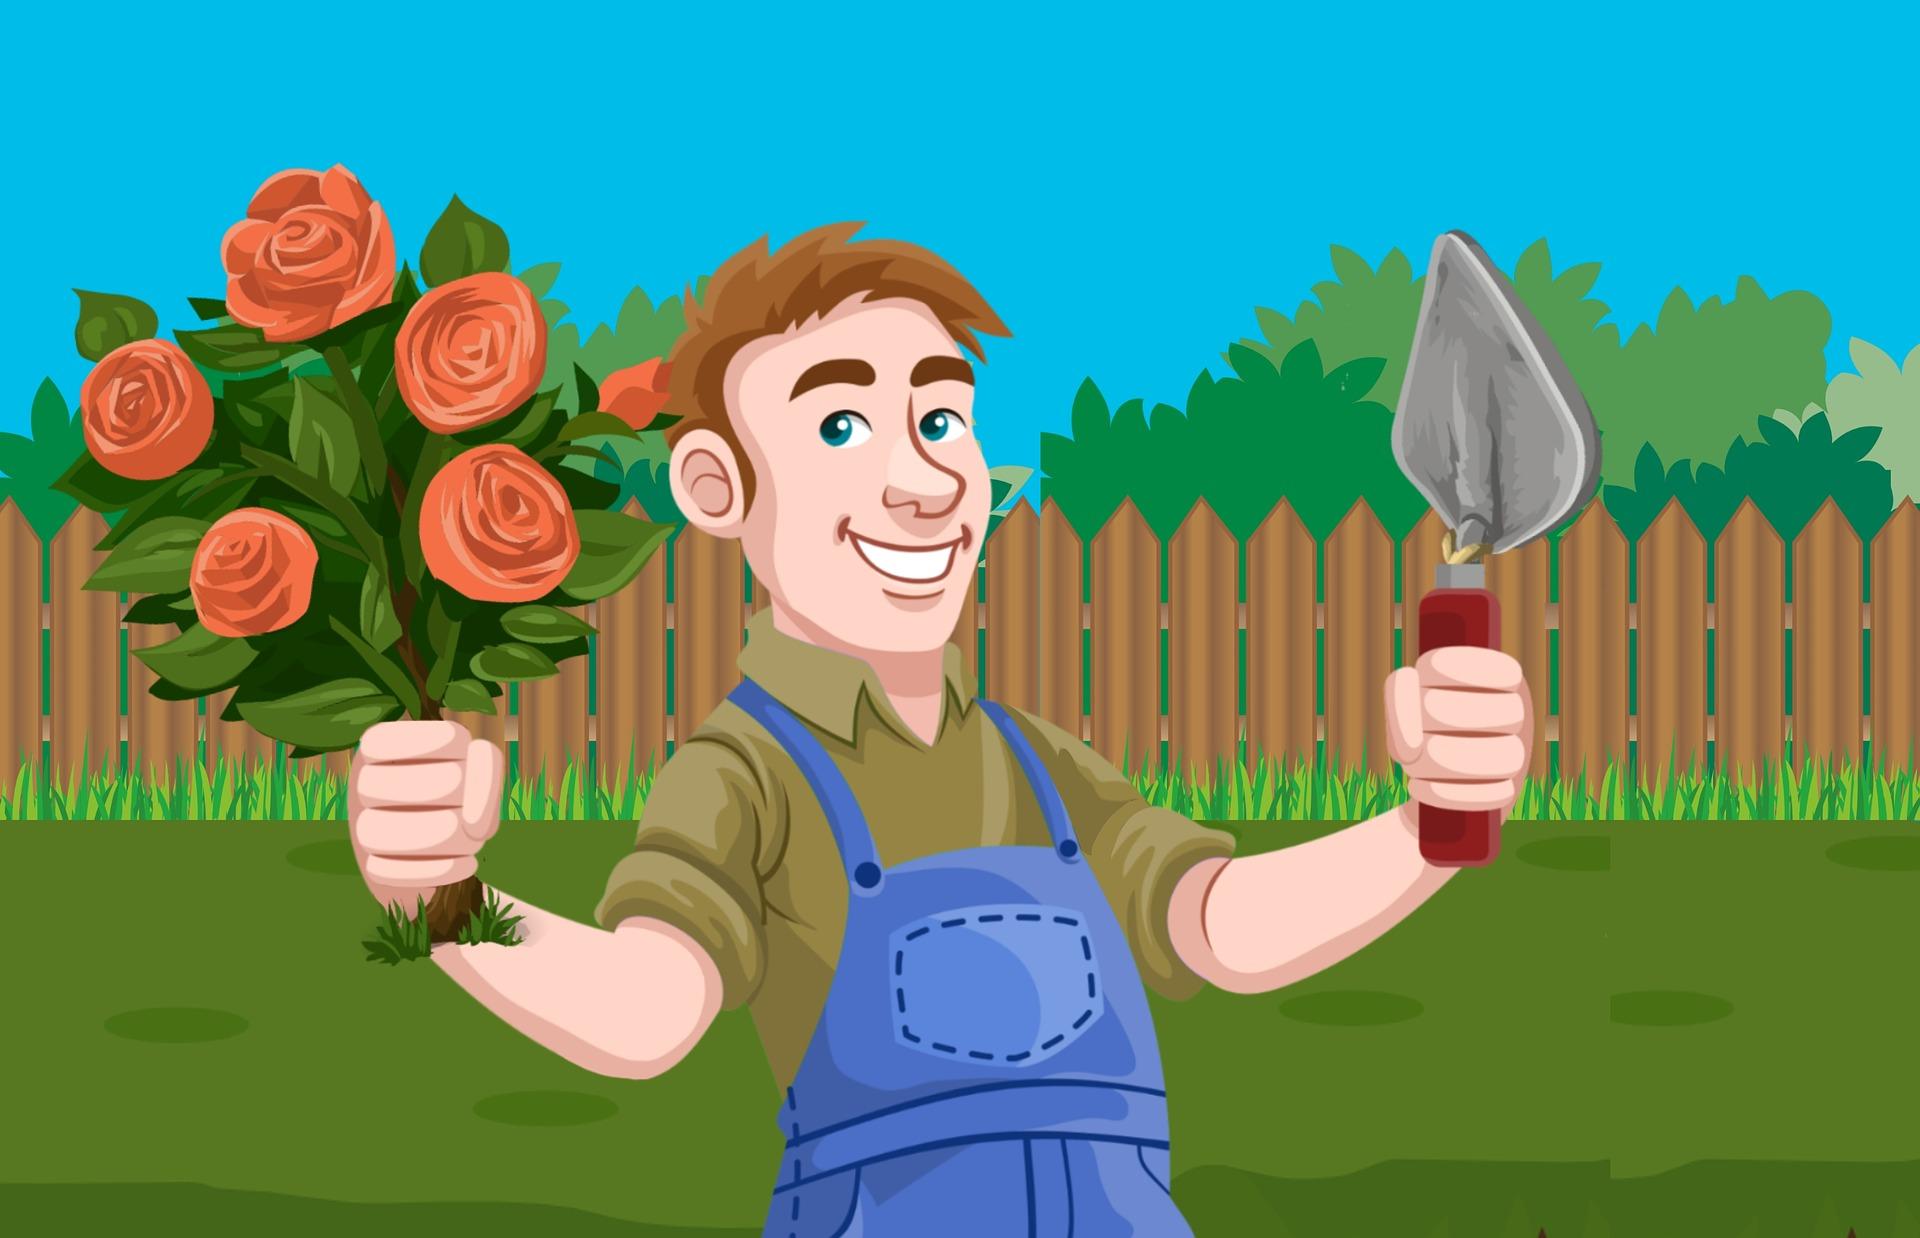 gardener-4115751_1920